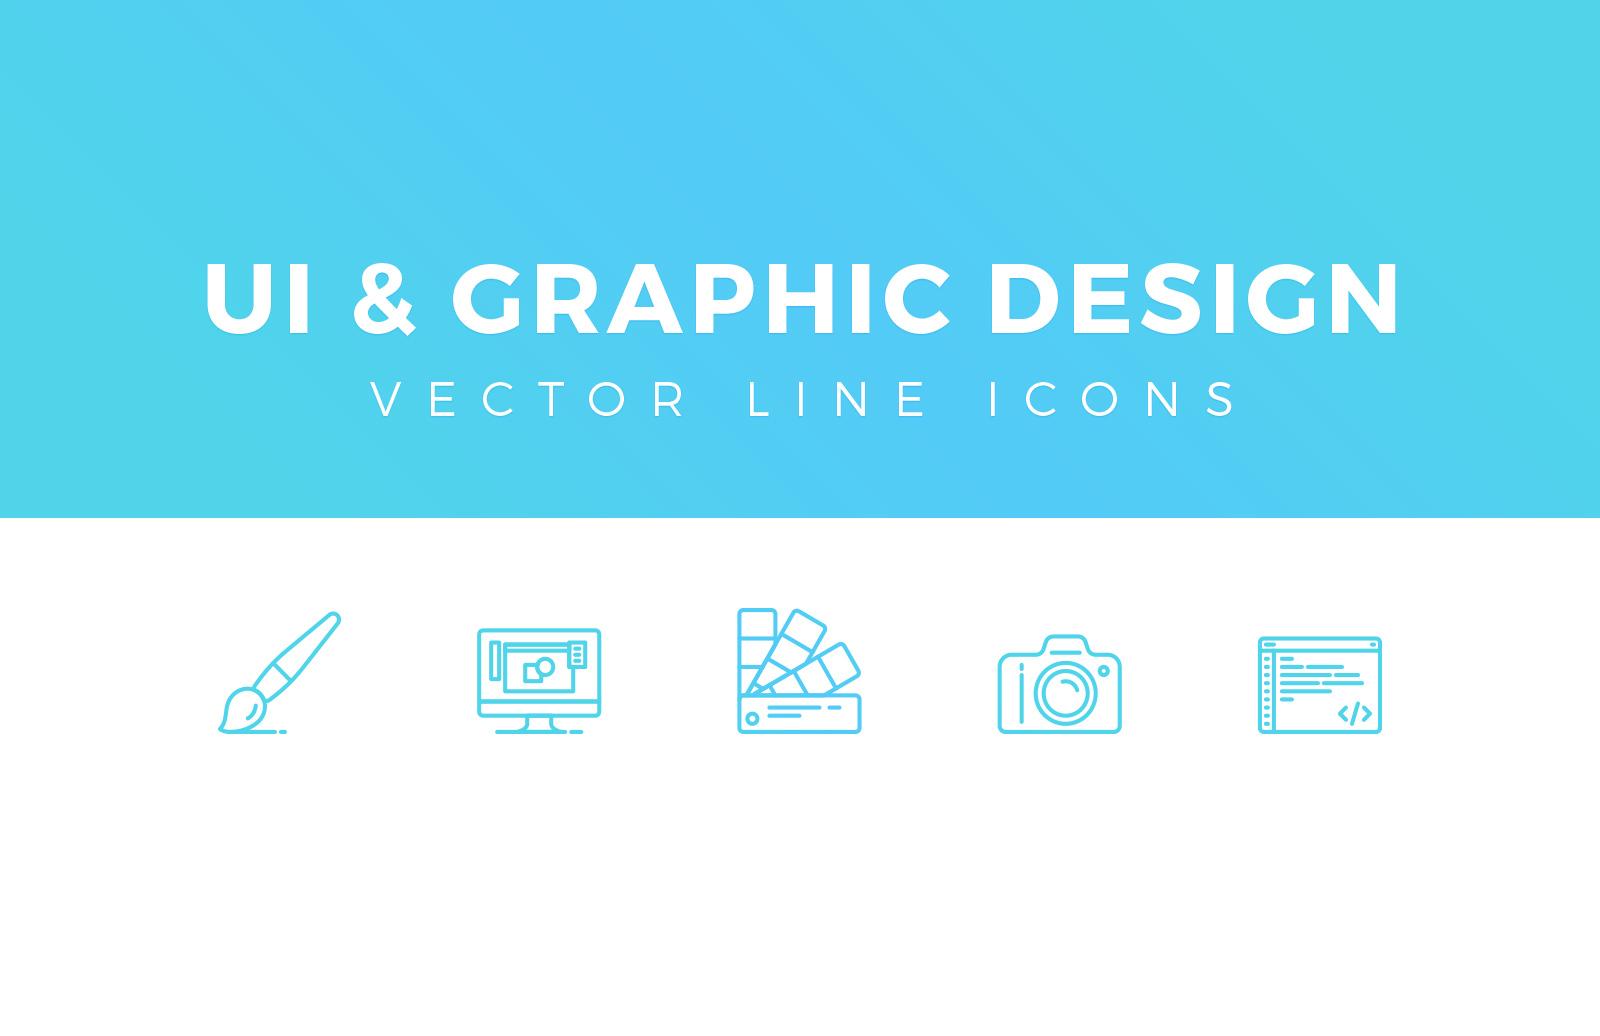 UI & Graphic Design Line Icons 1